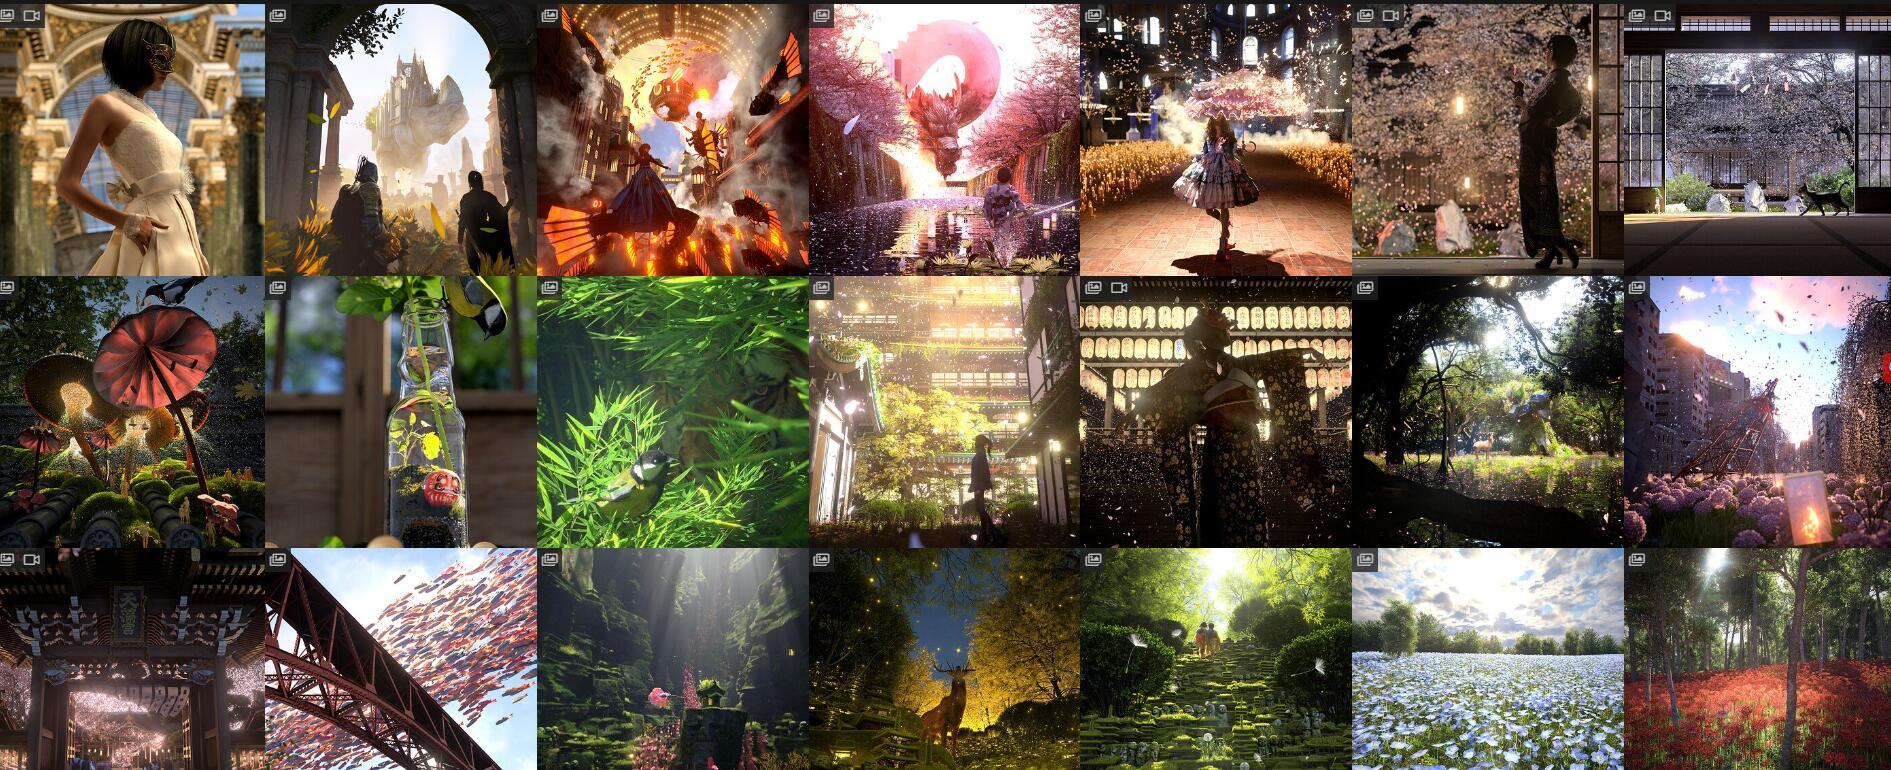 """瑞云渲染直播预告:CG技能""""自学秘籍"""",高效自学30+CG软件插件分享!"""